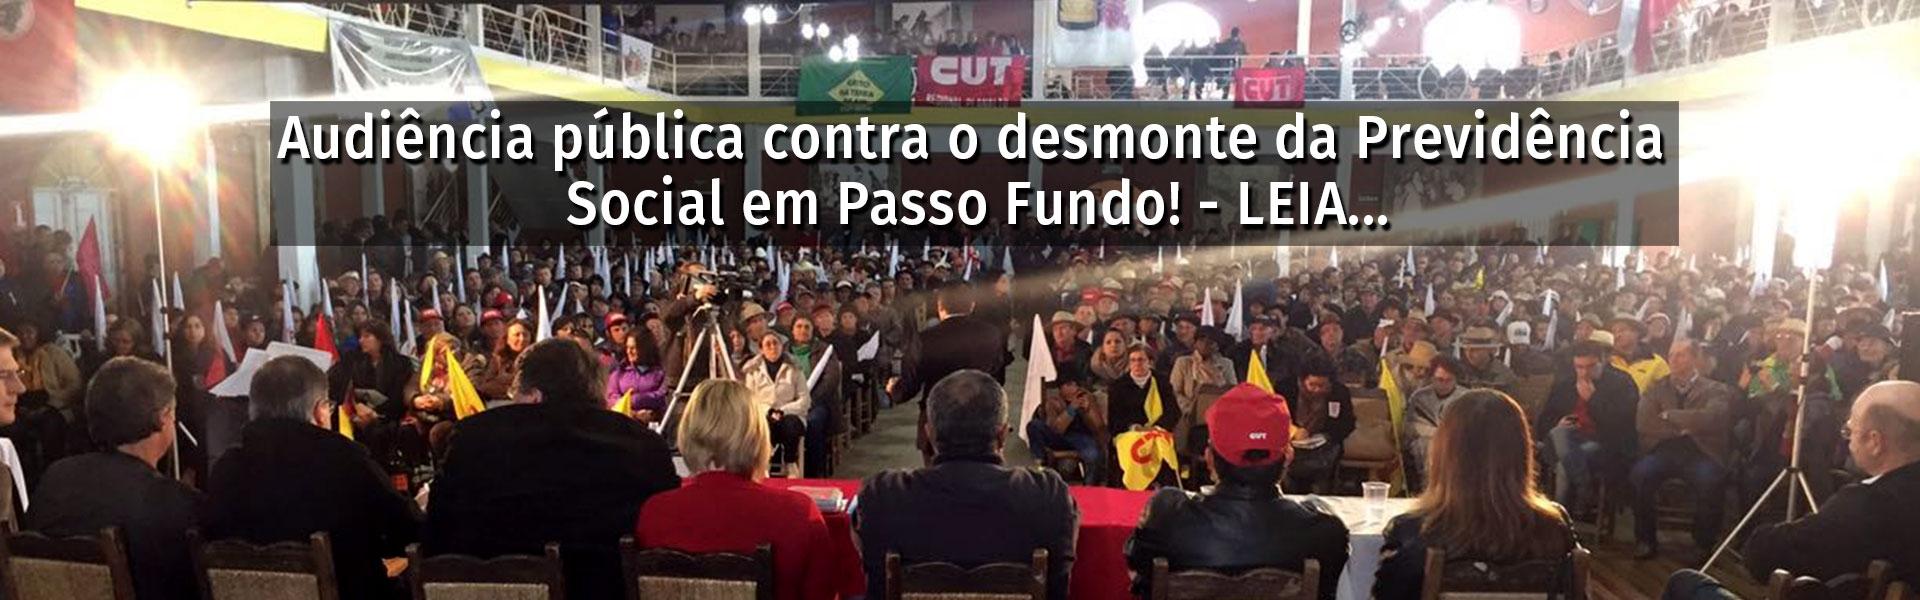 Audiência pública contra o desmonte da Previdência Social em Passo Fundo!